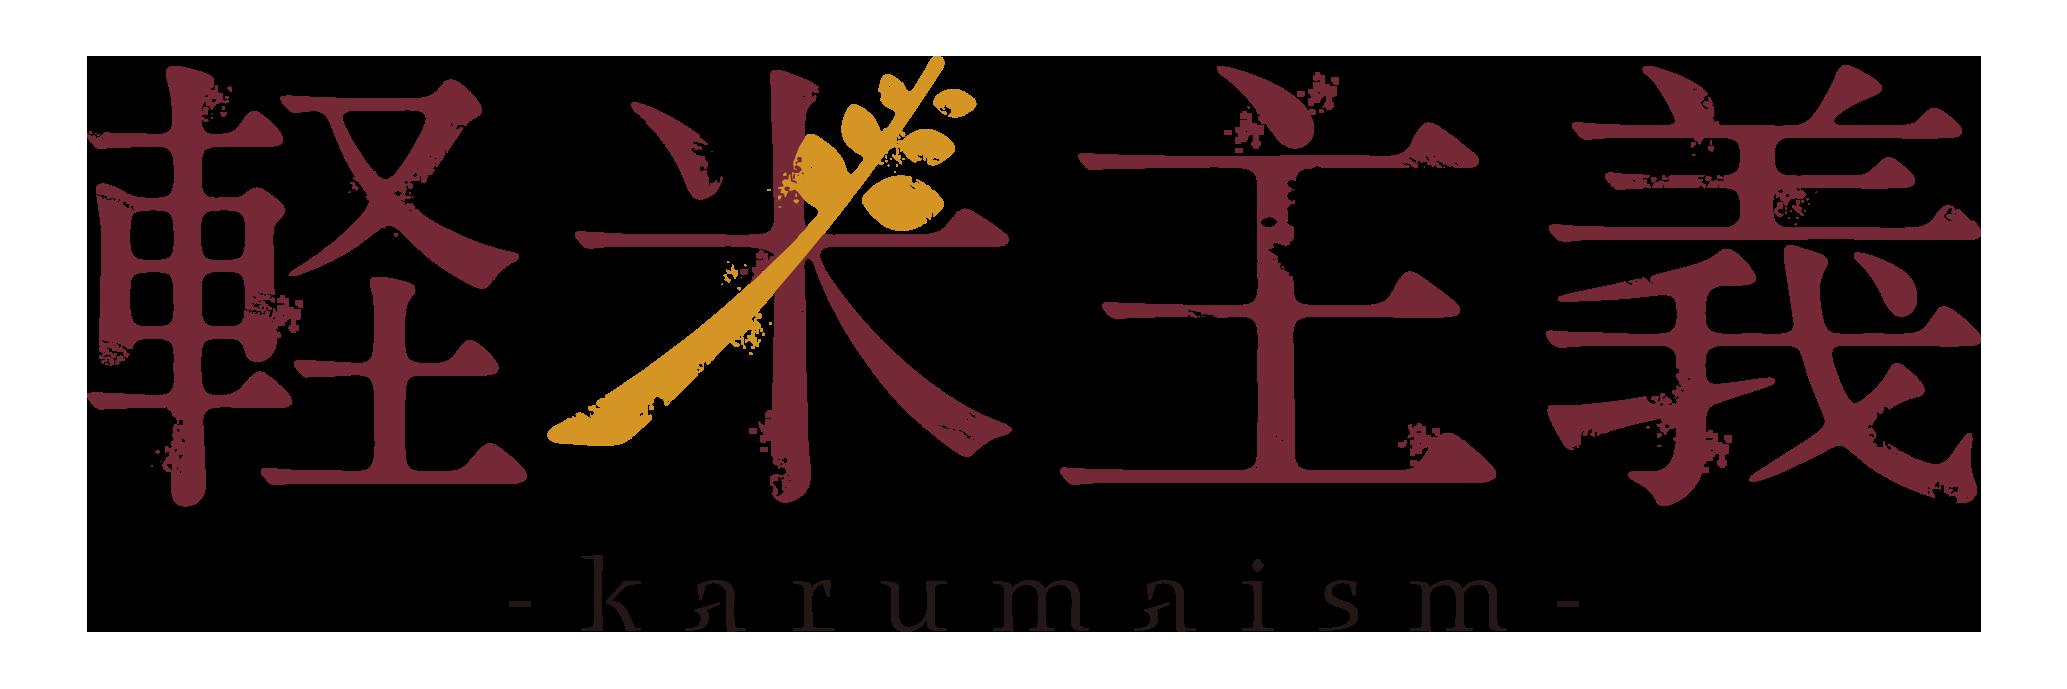 軽米主義-karumaism-エフエム岩手にて絶賛放送中!!